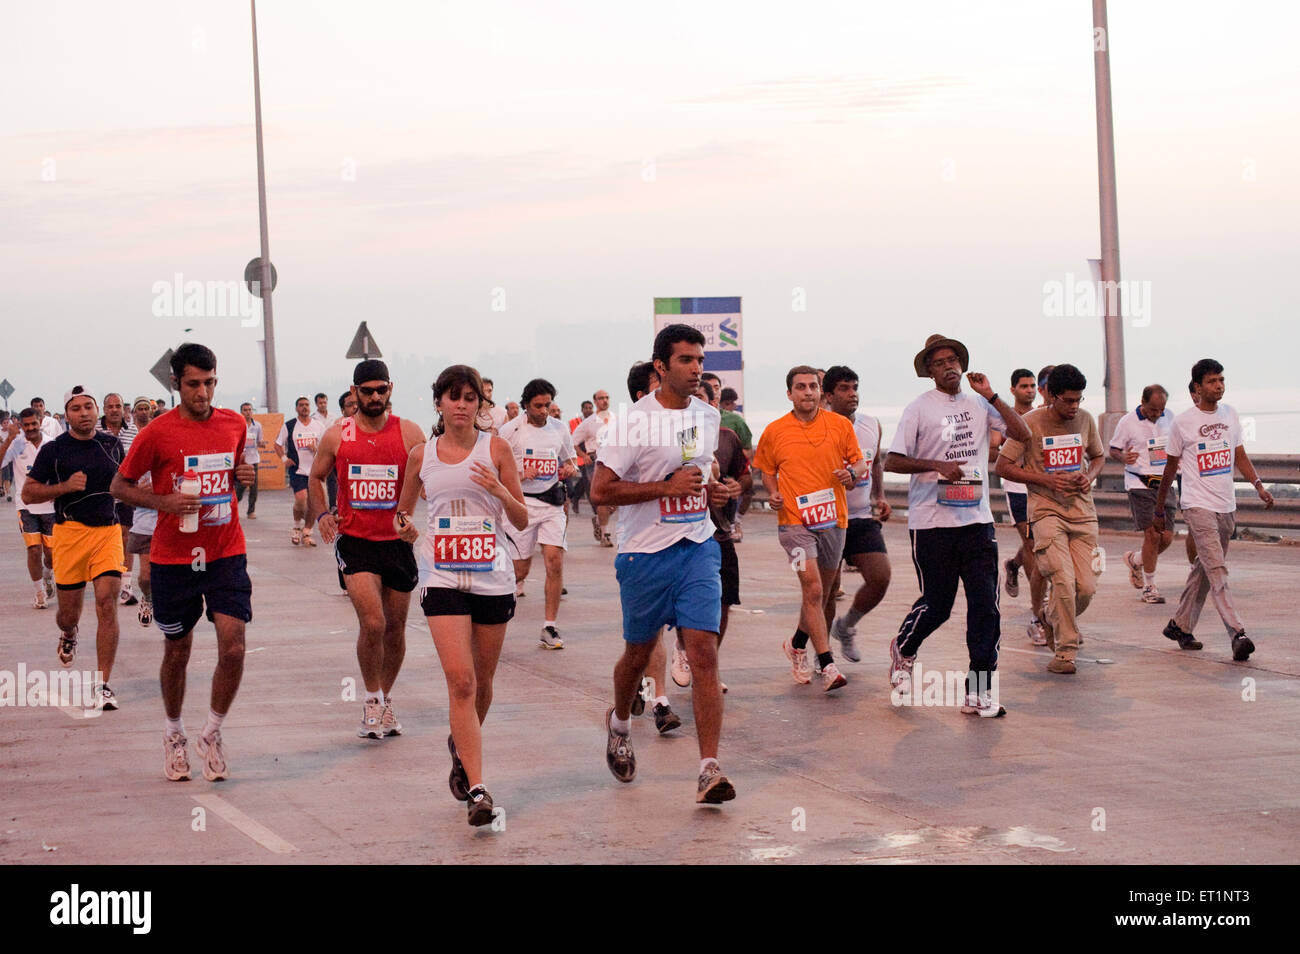 Les coureurs de marathon sur le lien; la mer; Bombay Mumbai Maharashtra Inde NOMR; Photo Stock